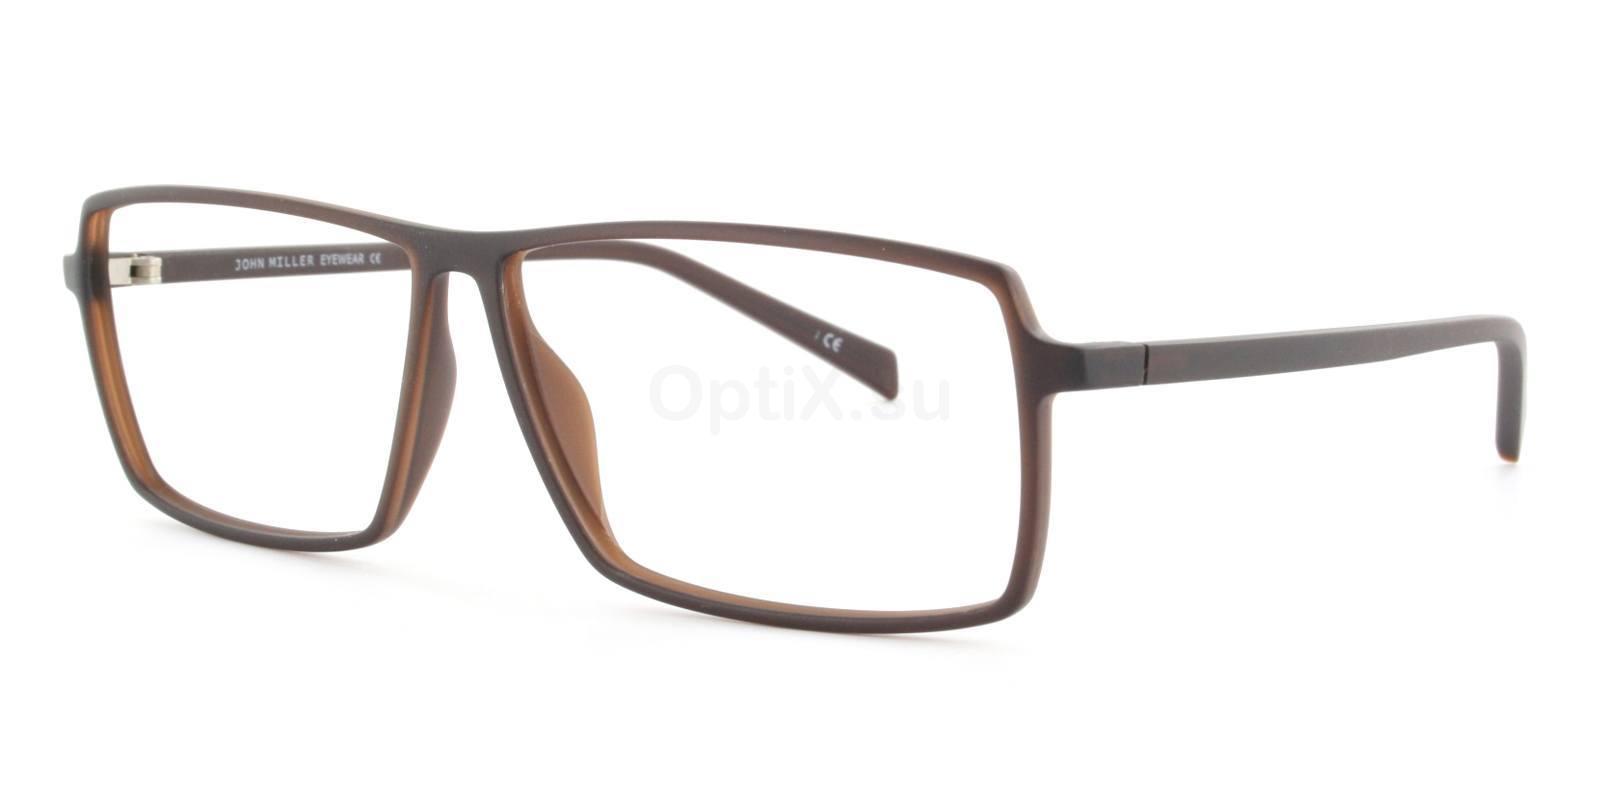 C2 J501 Glasses, SelectSpecs